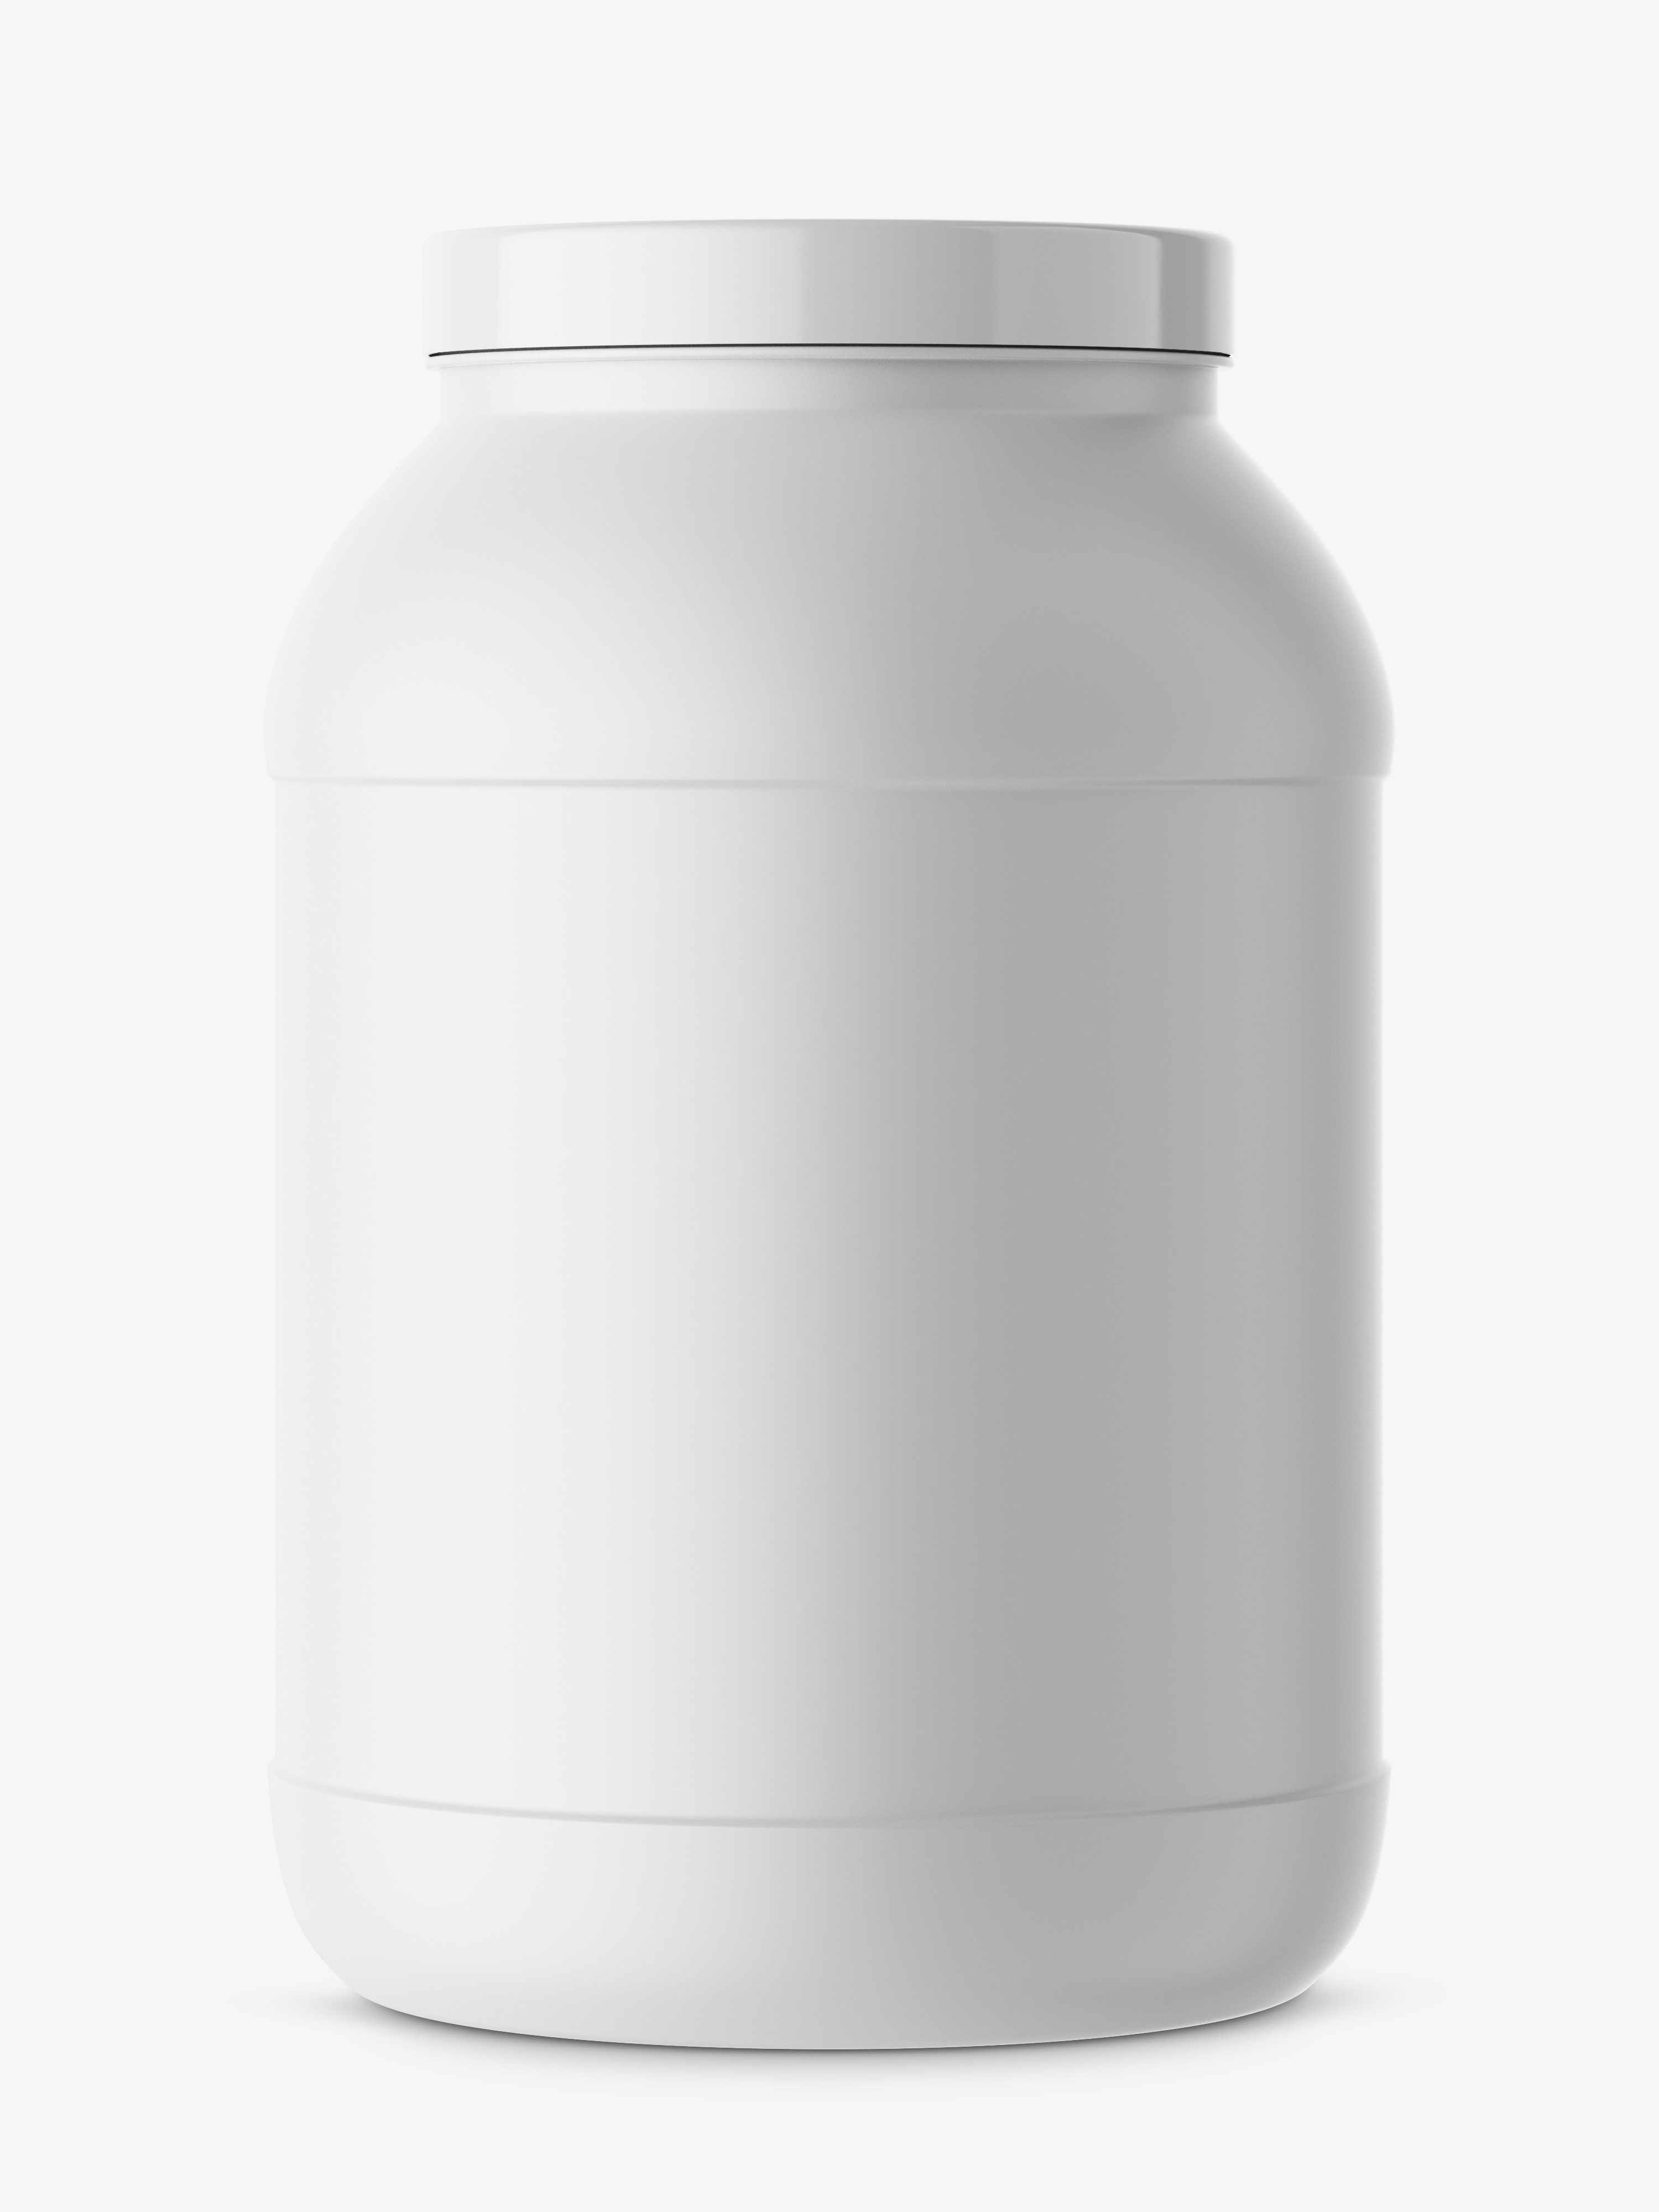 Big matt nutrition jar mockup